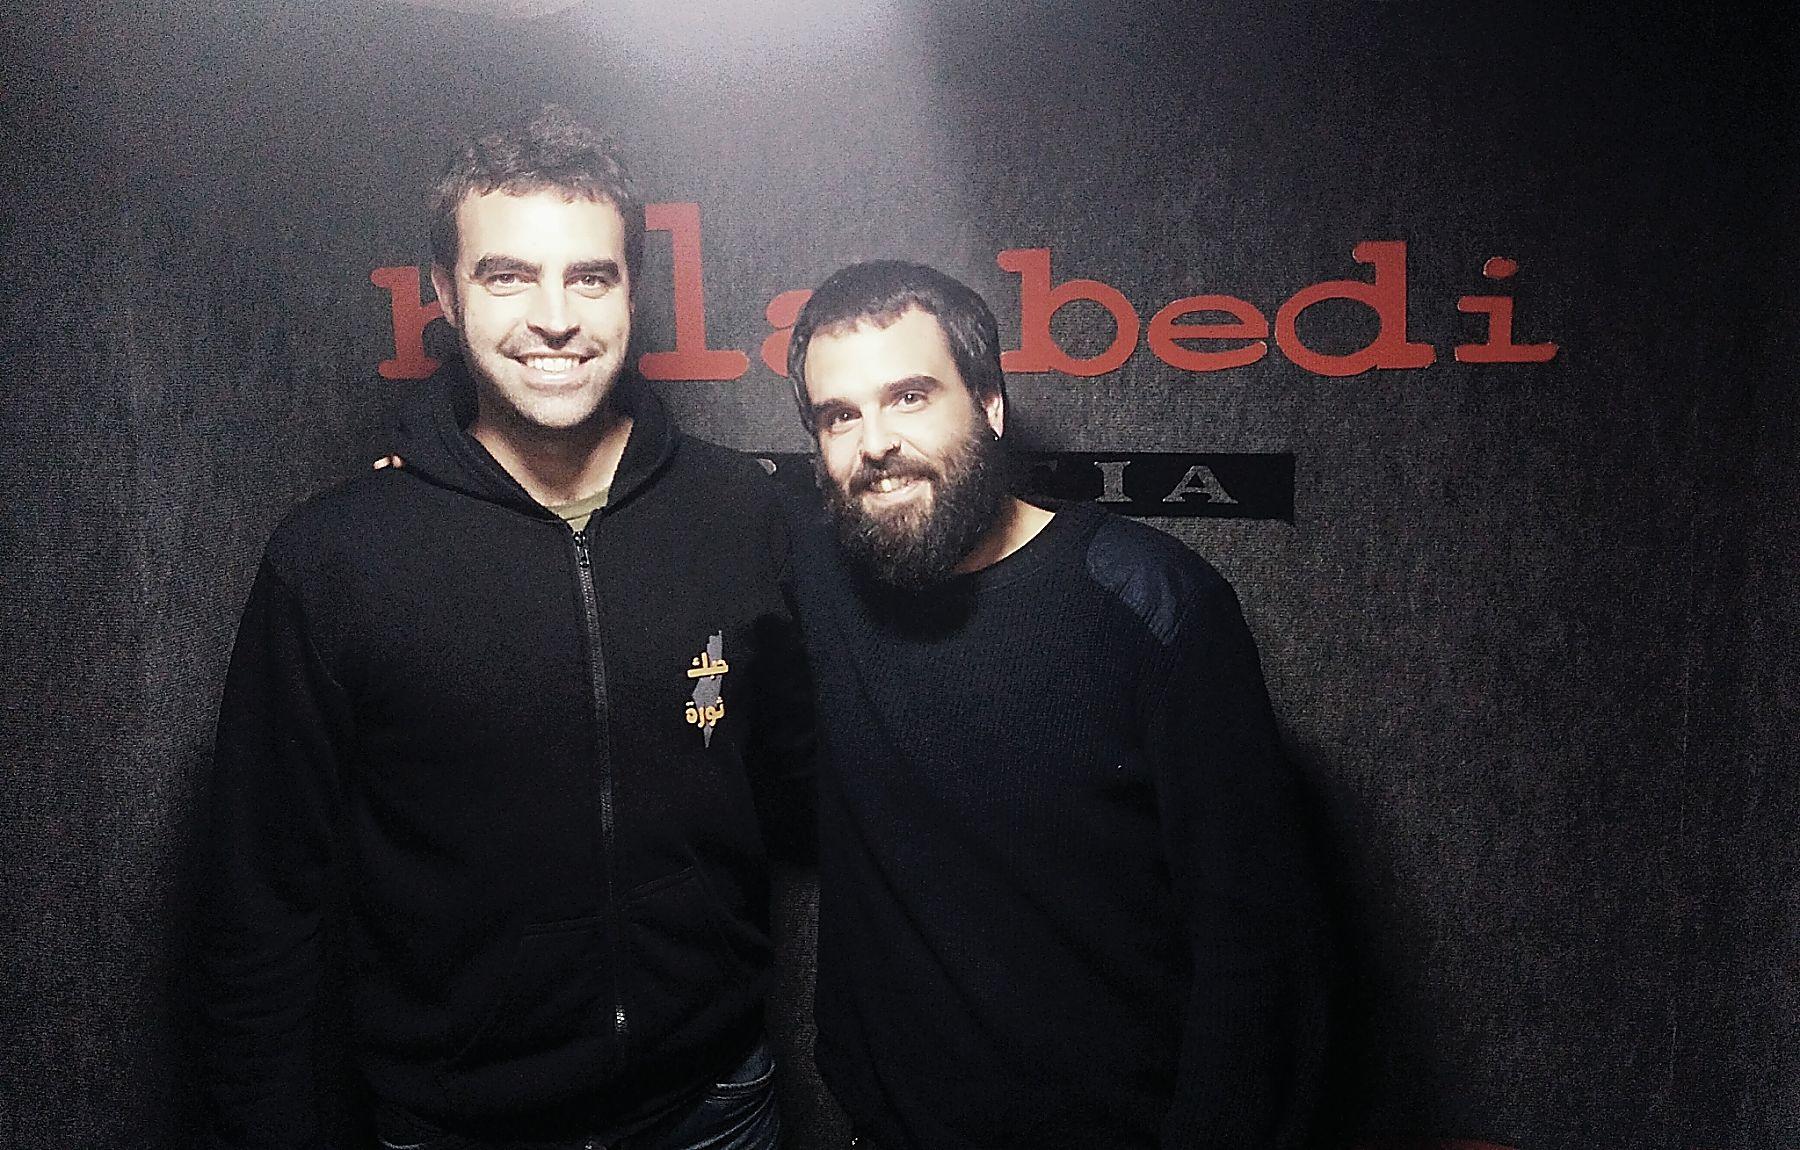 """Sergio  eta  Rulo  (Hiena)  """"Aurrez  elkar  ezagutu  arren,  lehen  aldia  da  hasieratik  erreferentzia  eta  presio  gabe  jotzen  hasi  garela"""""""